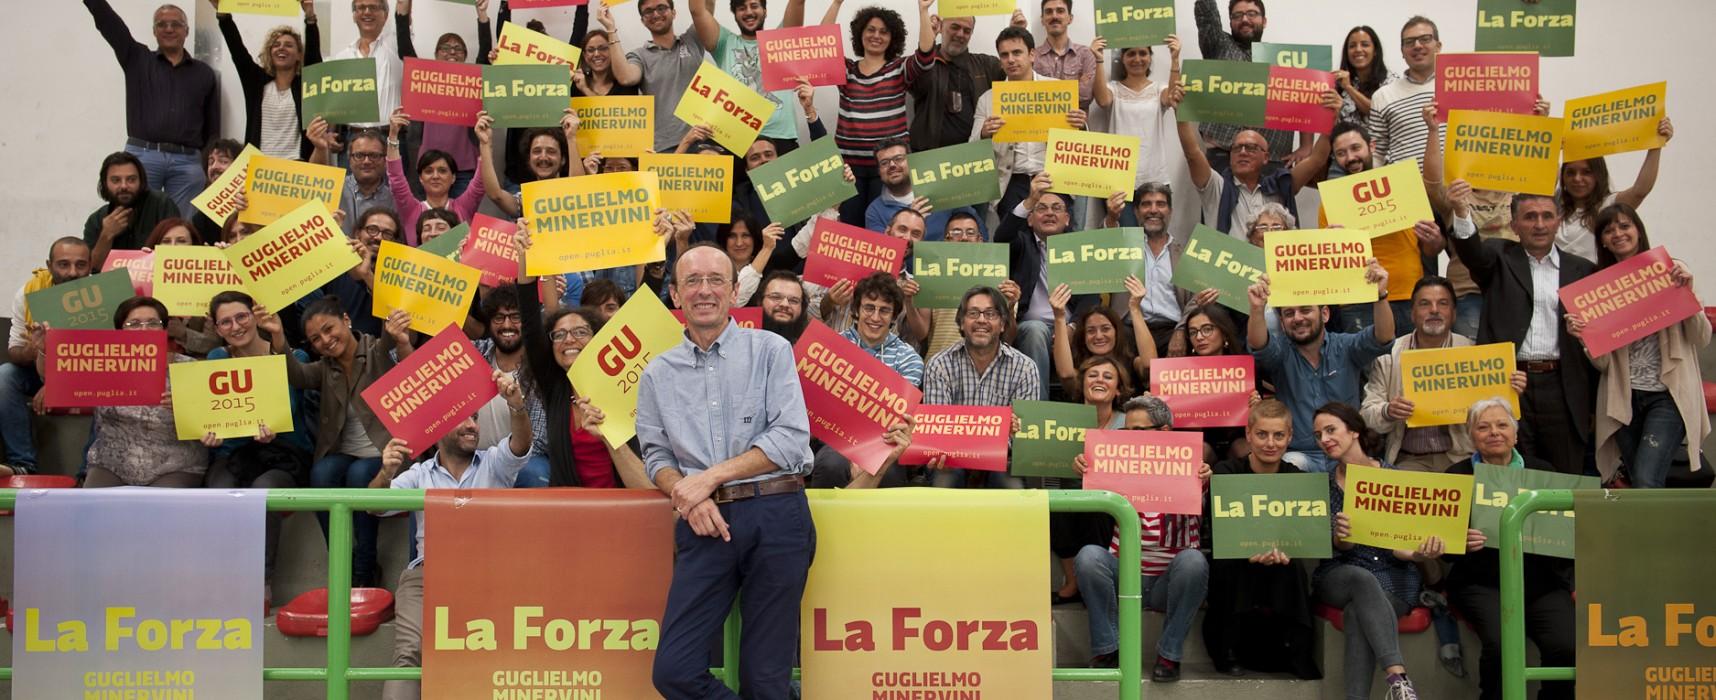 Primarie del centro sinistra, Guglielmo Minervini questa sera a Bisceglie